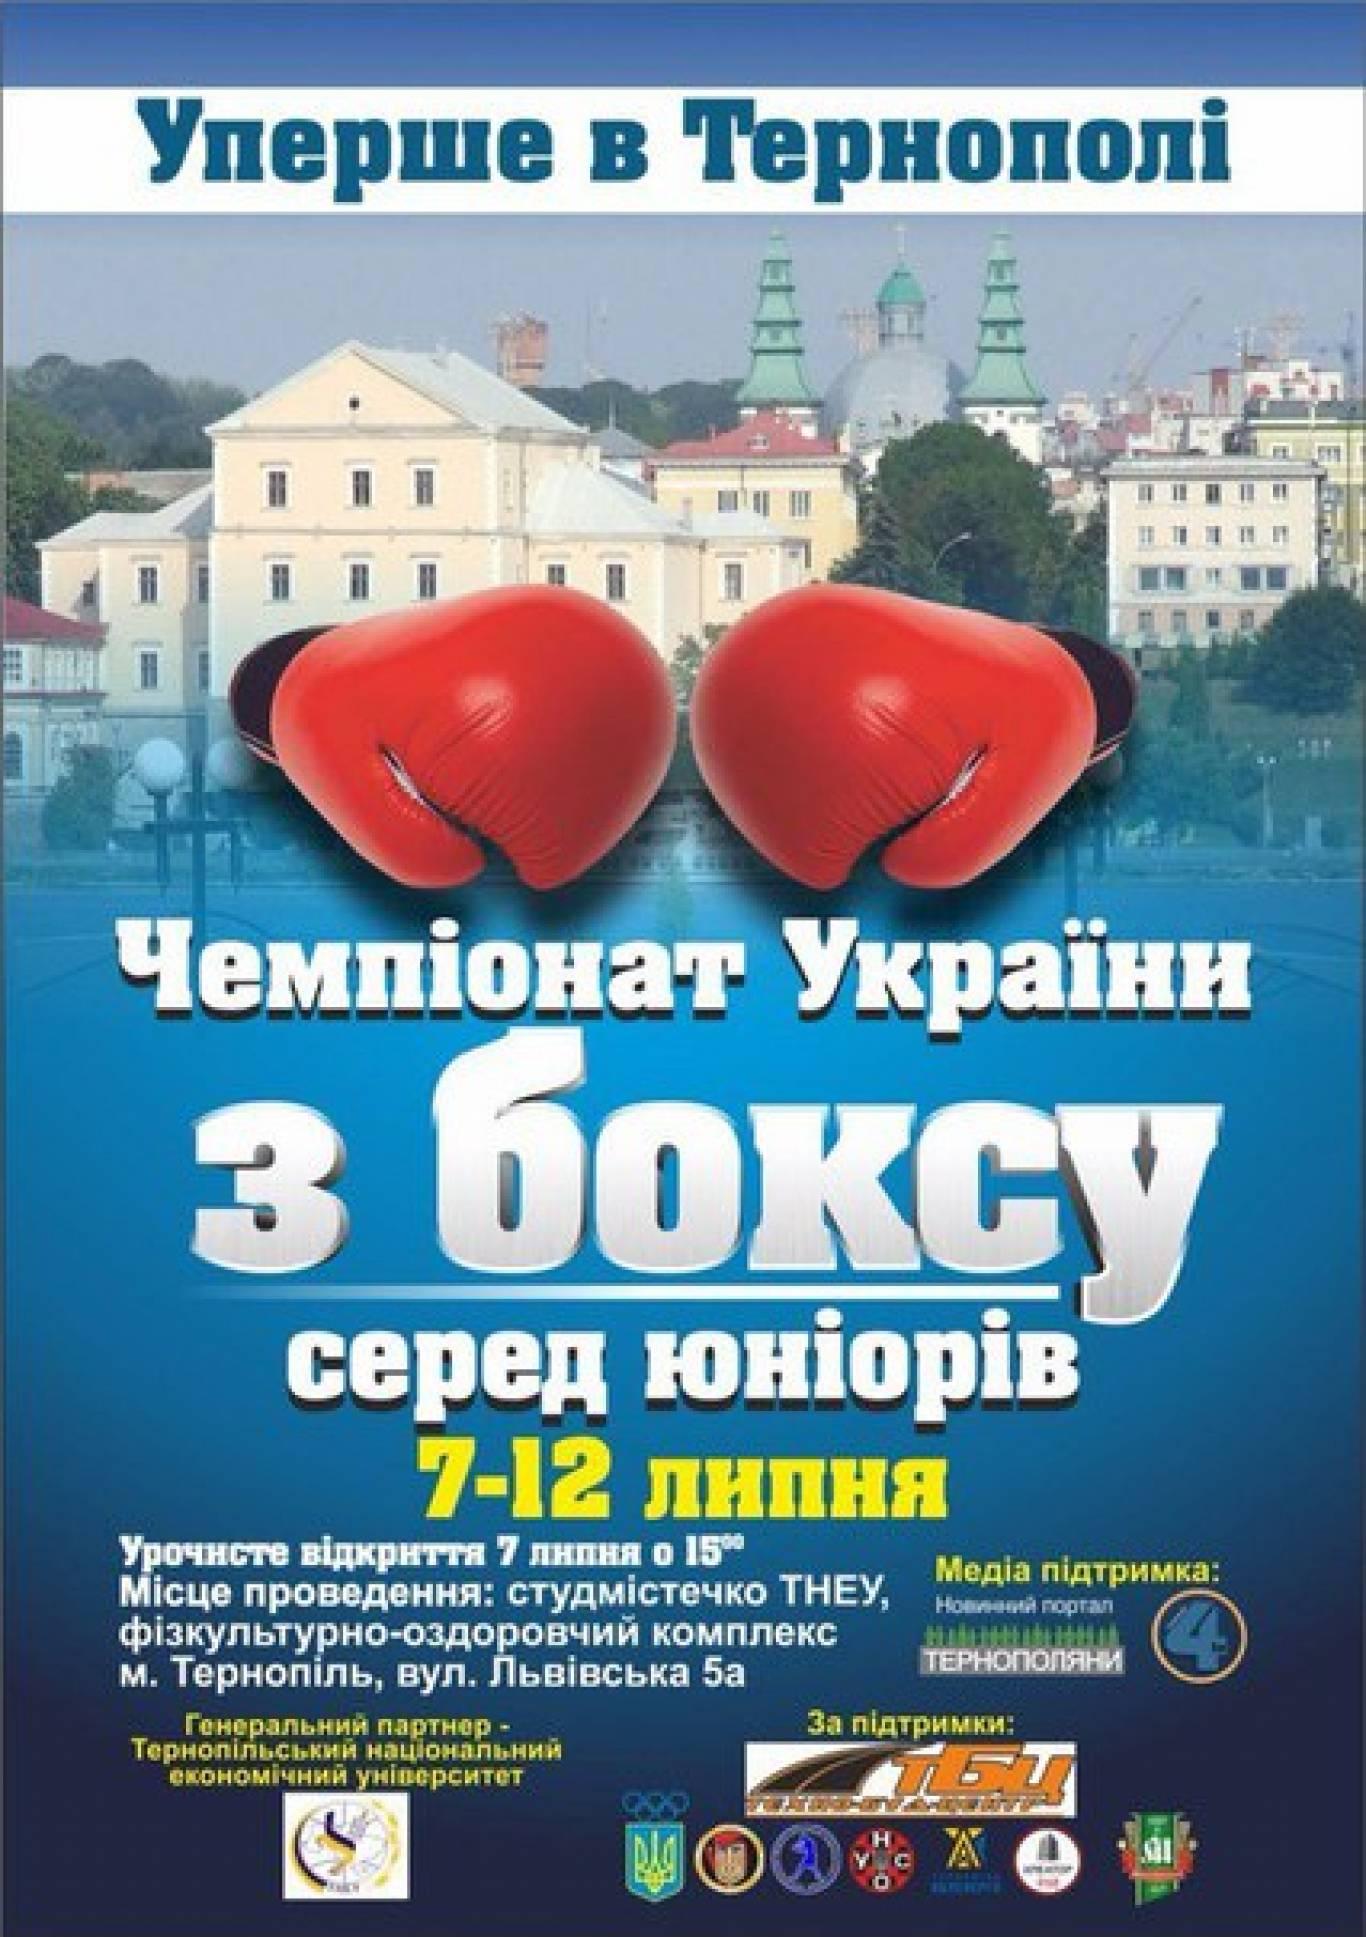 Чемпіонат України з боксу